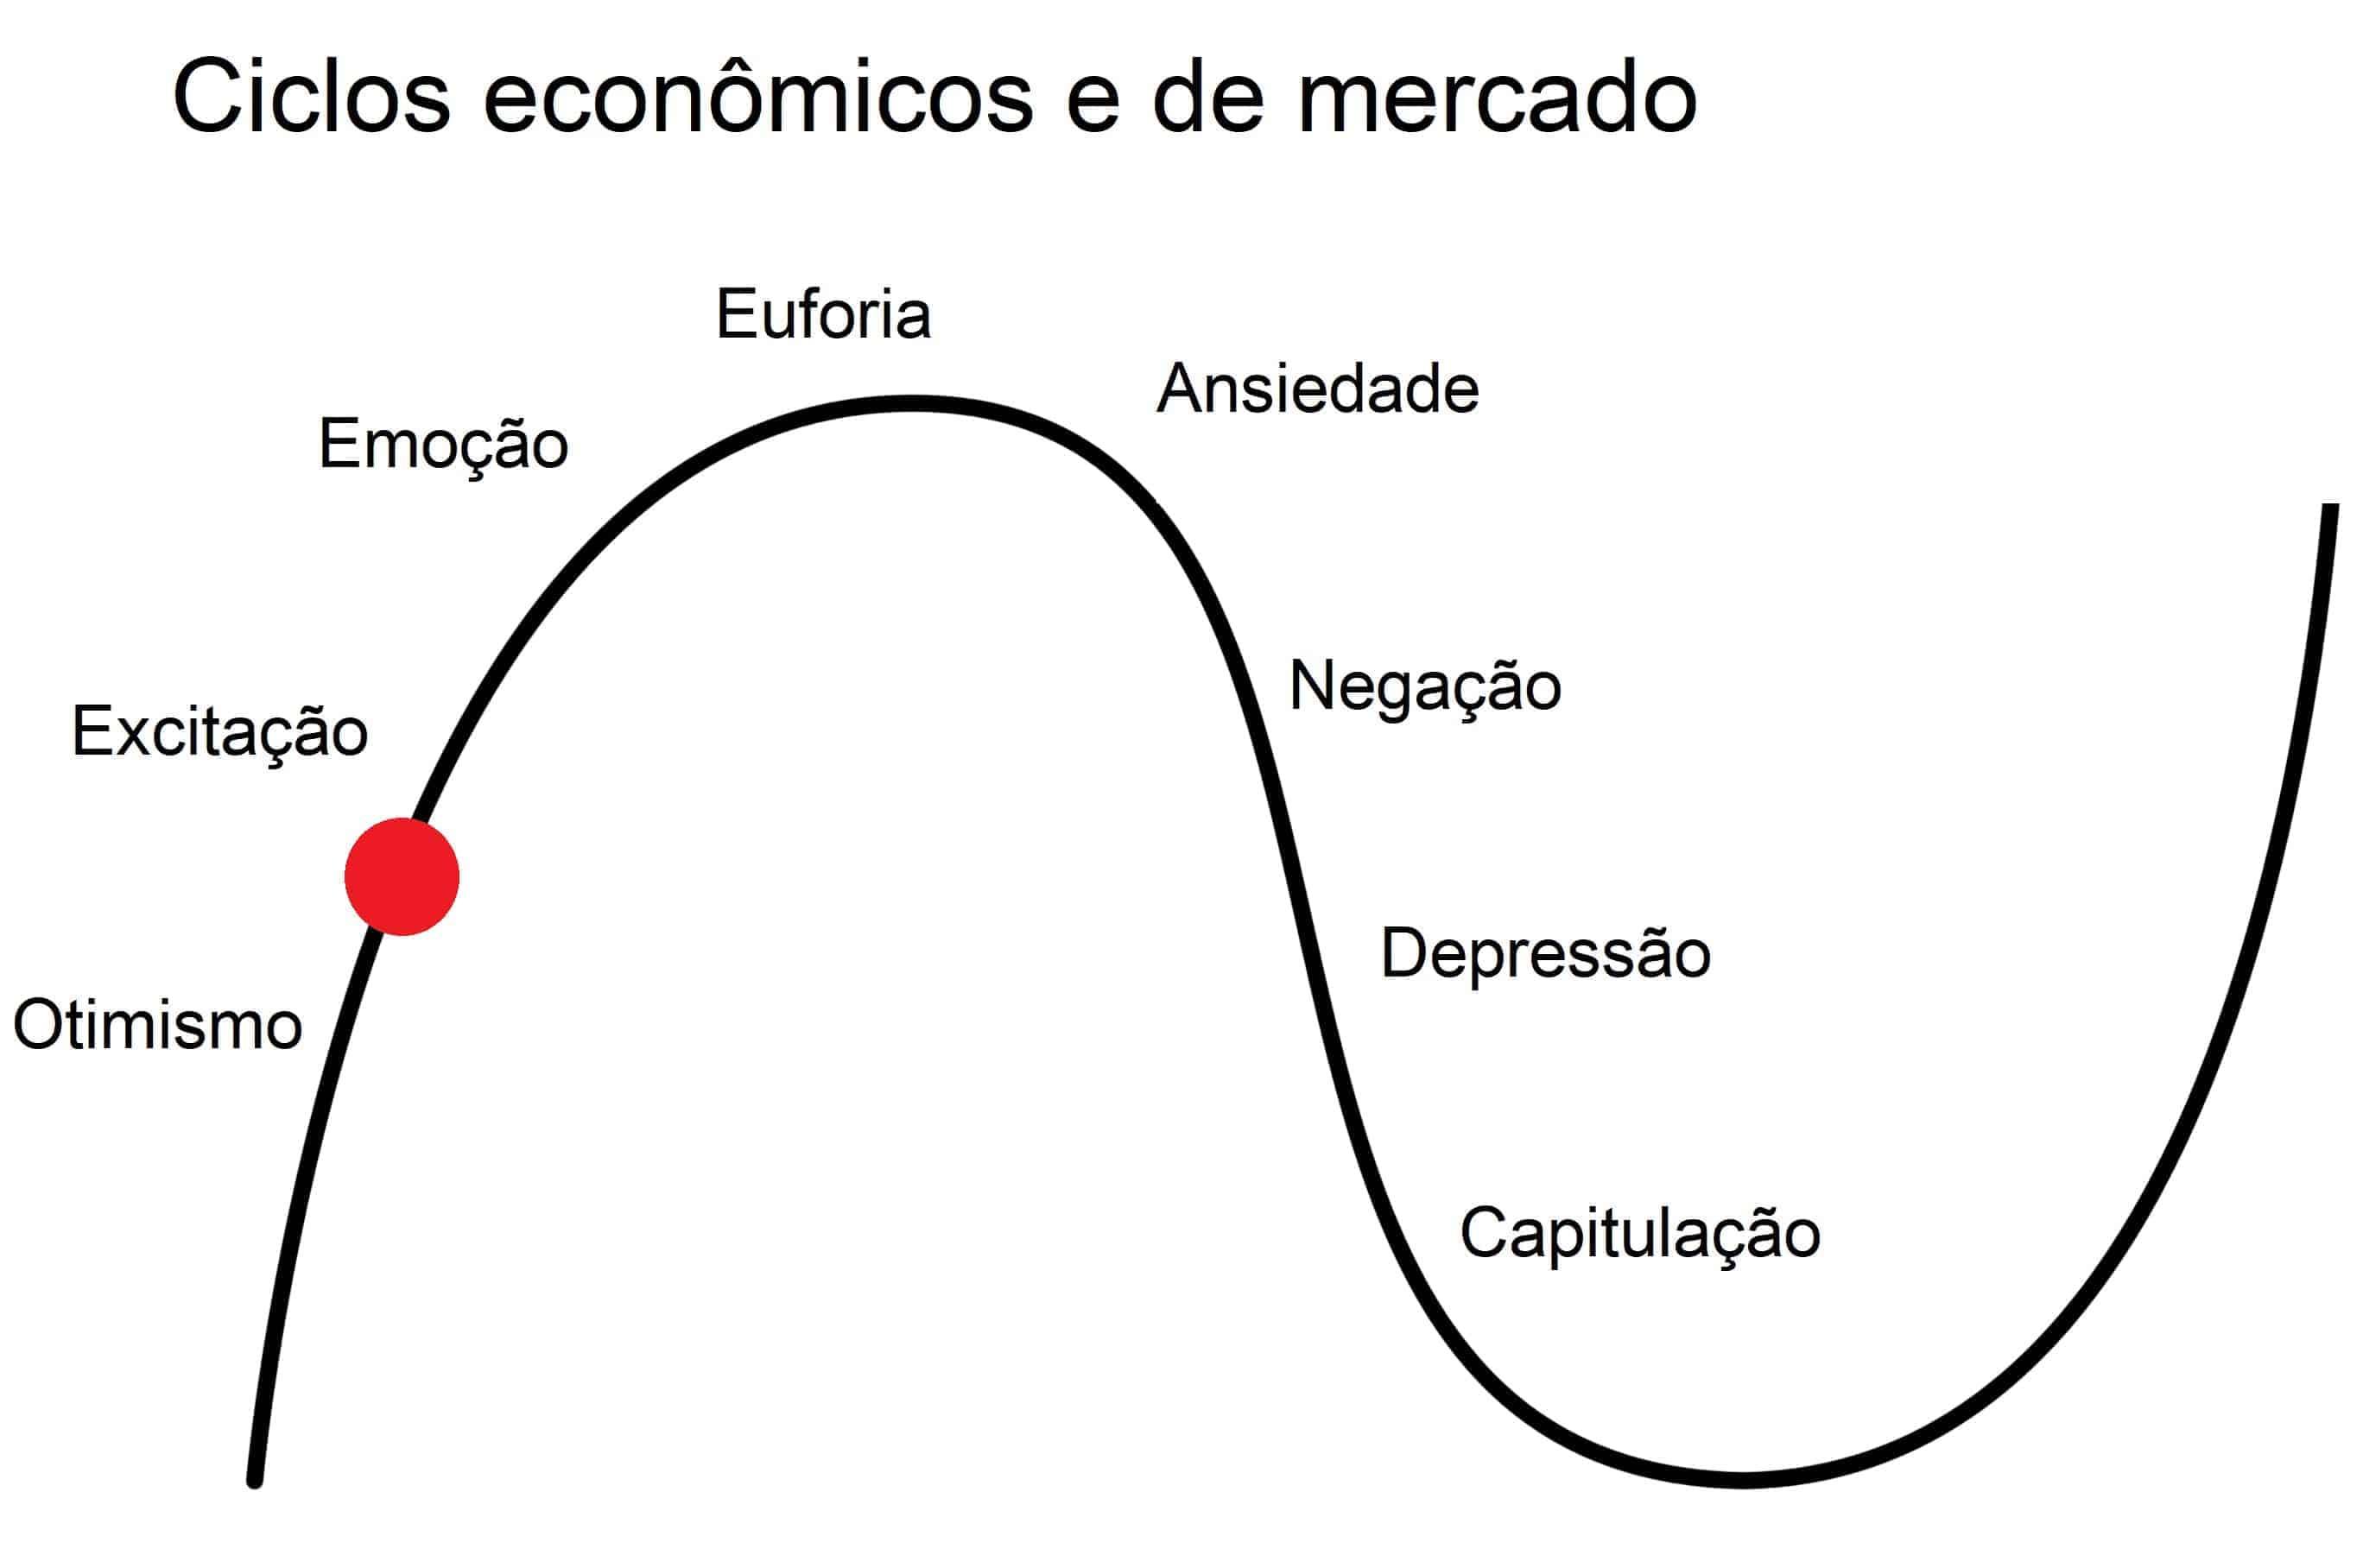 ciclo econômico brasil economia brasileira 2020